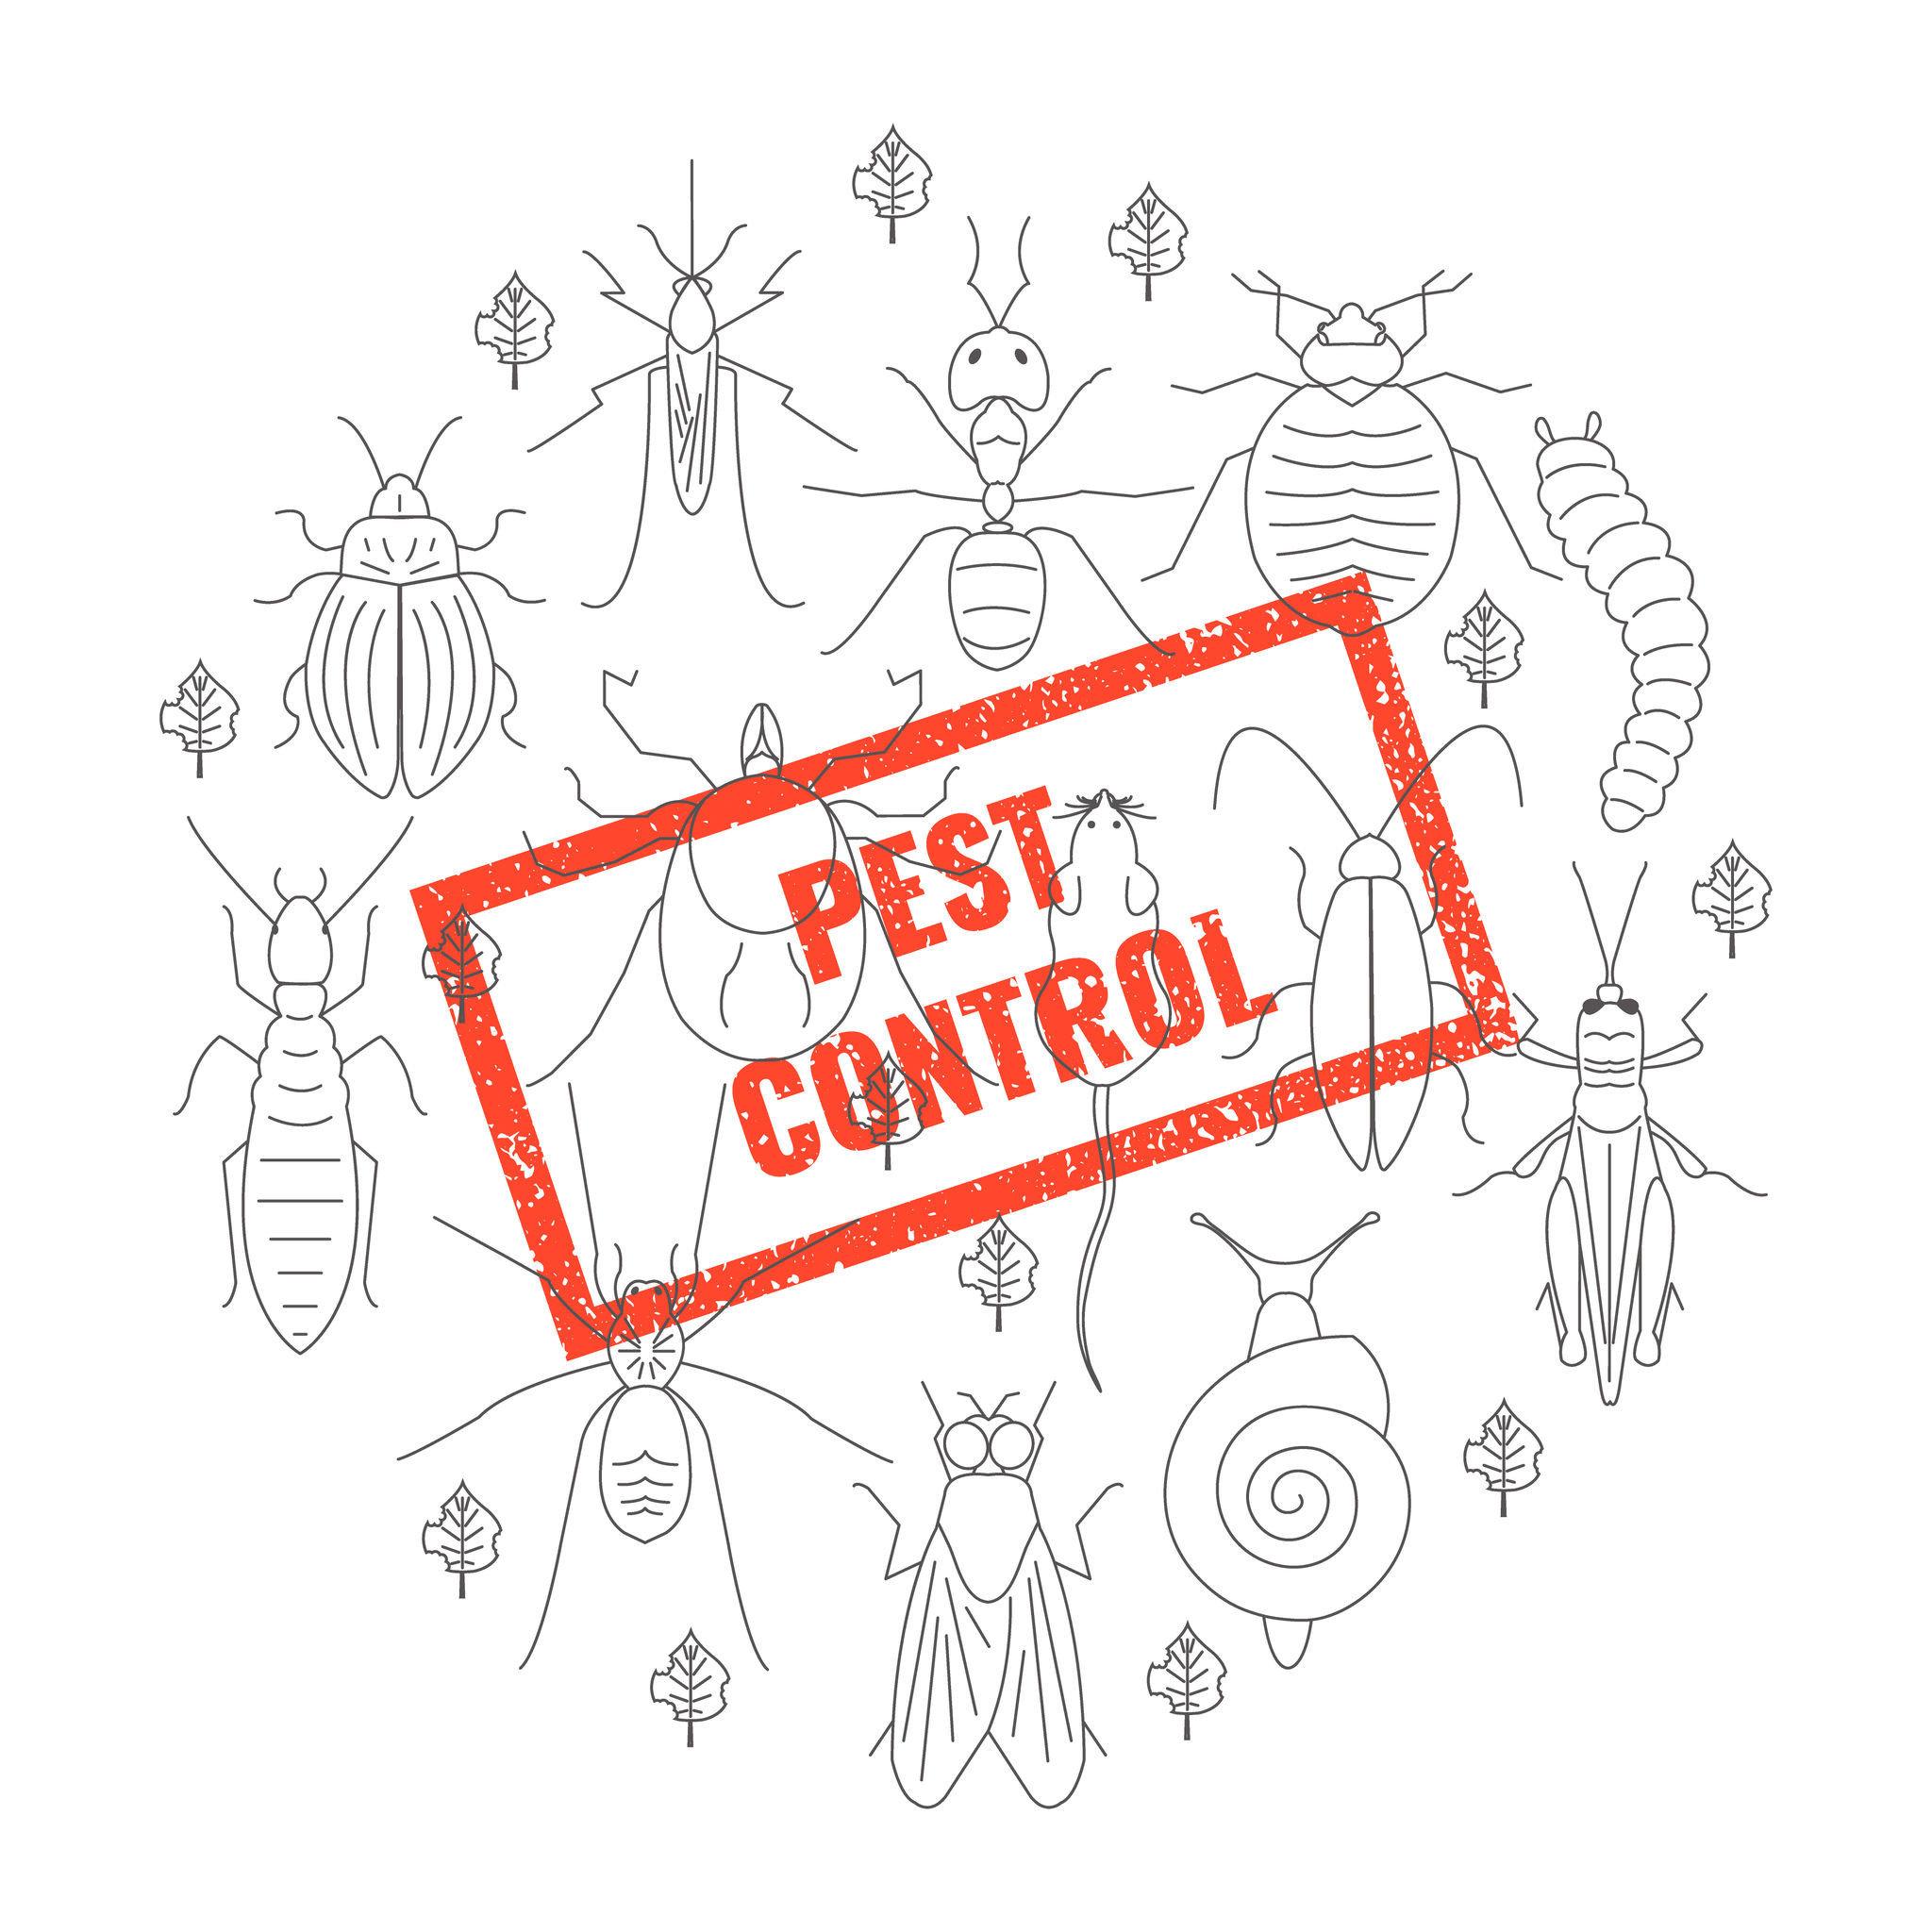 【除蟲公司】環境中常見的害蟲與老鼠防治,營造適合居住的生活環境